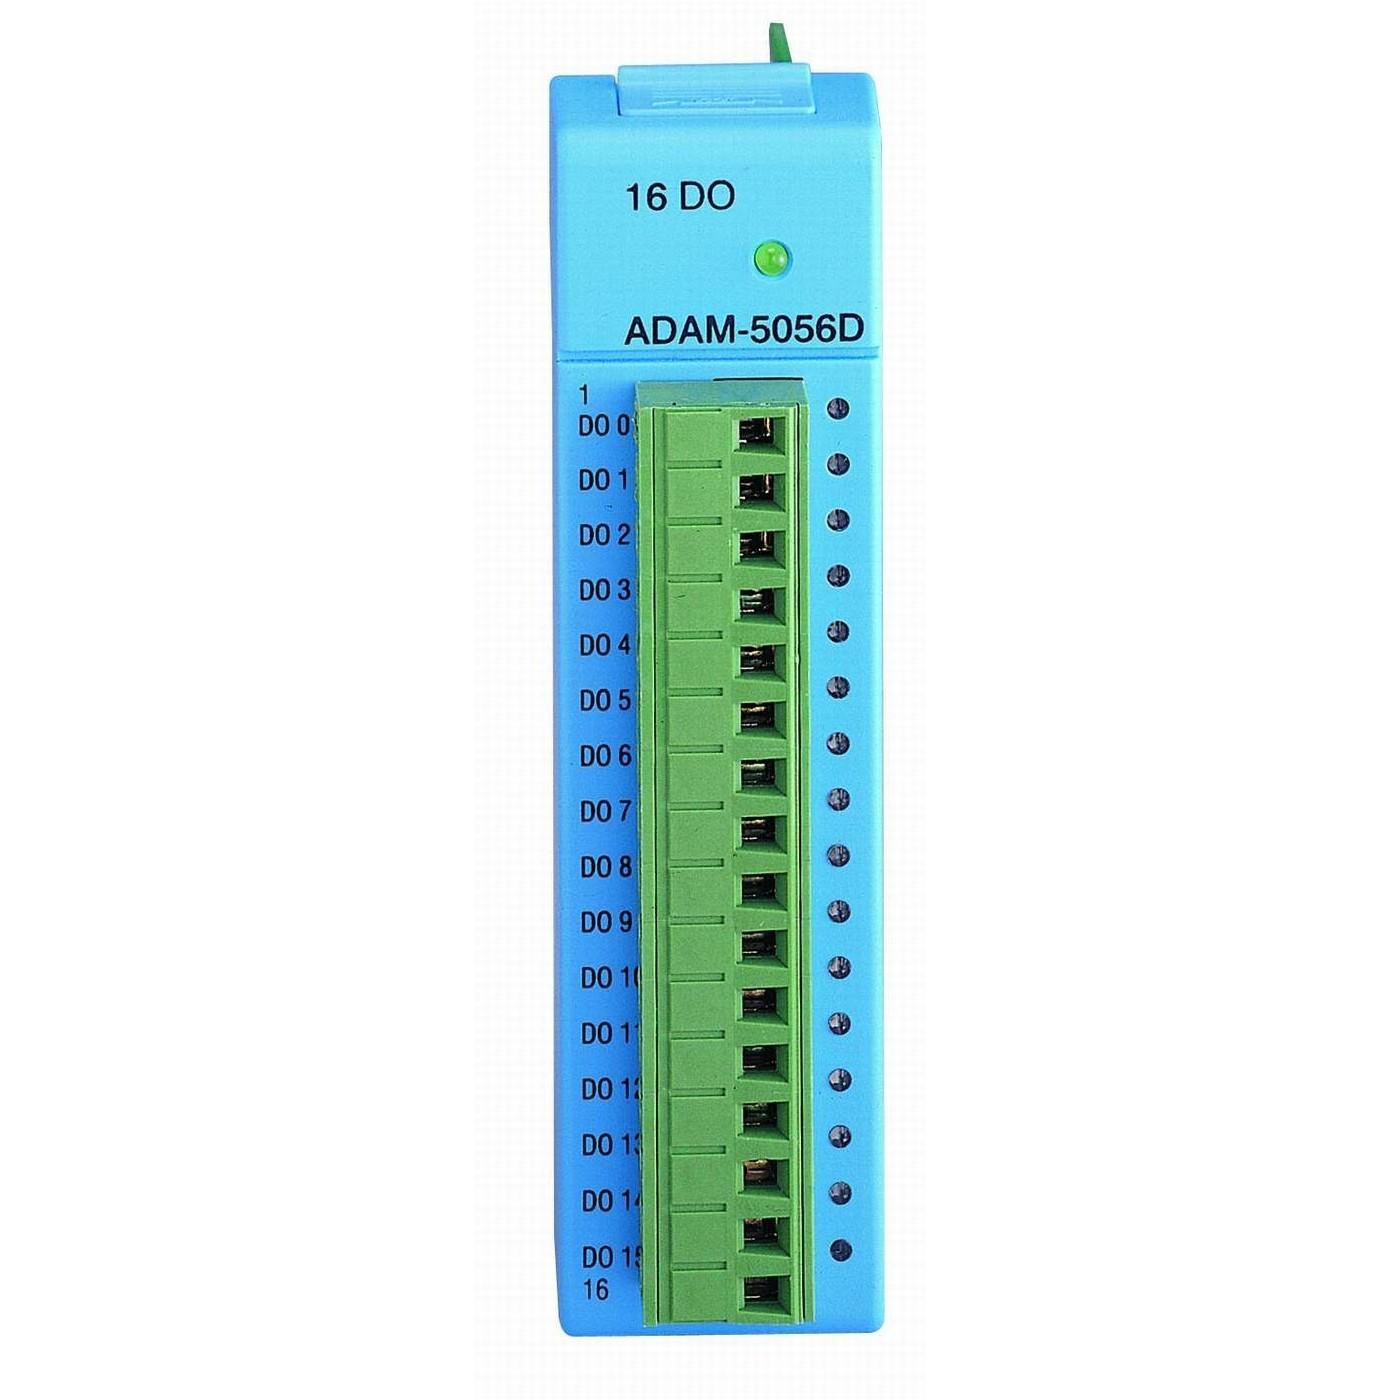 ADAM-5056D-AE